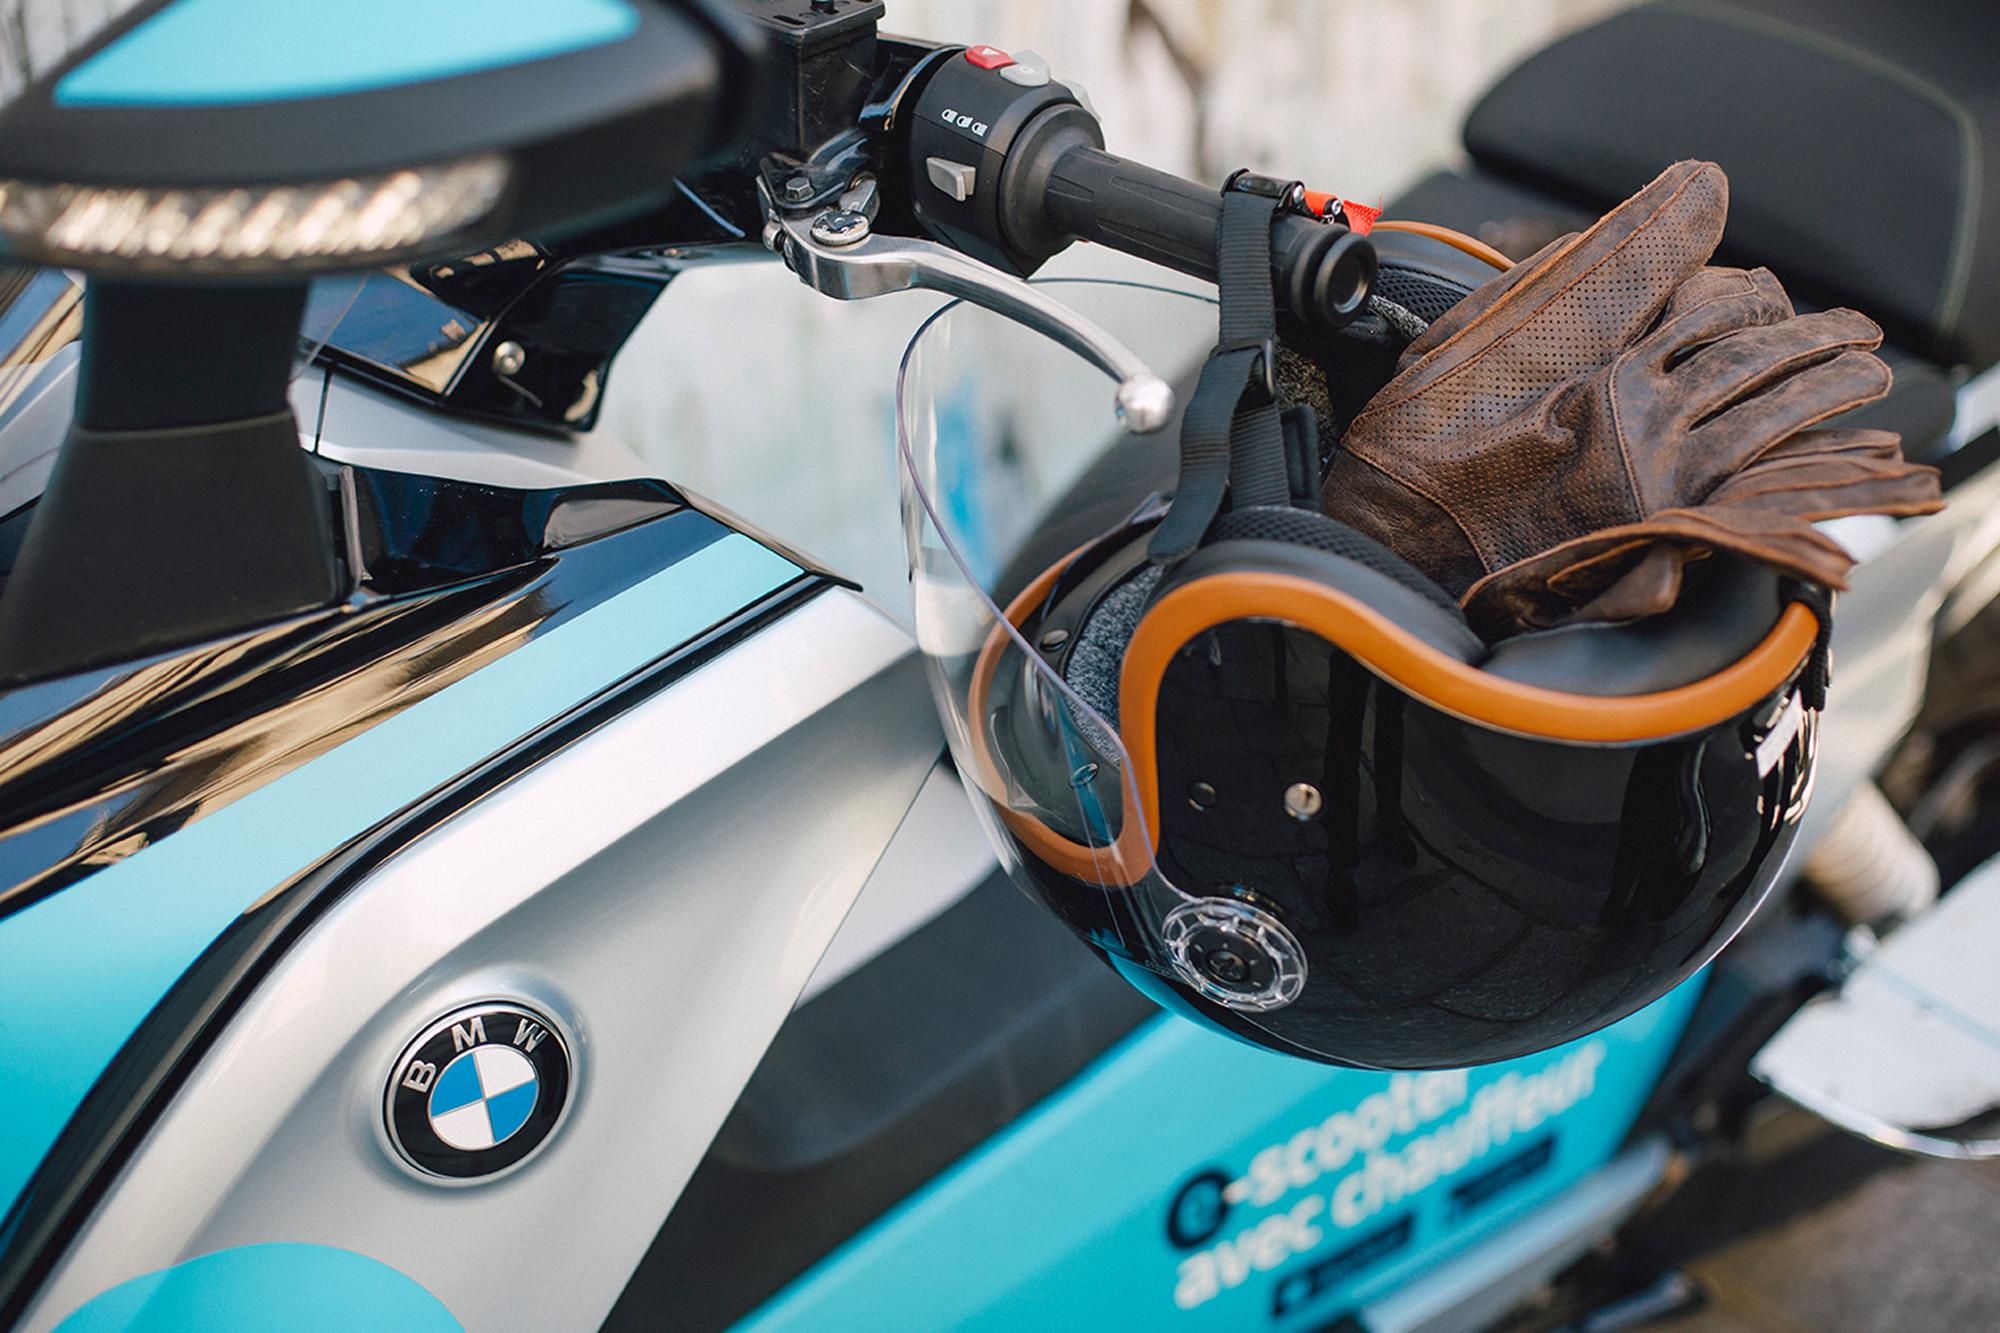 Tous les équipements fournis - Nos chauffeurs partenaires mettent à votre disposition un kit d'équipements complet (casque, gants, vestes imperméables, jupe de protection, kit hygiène).